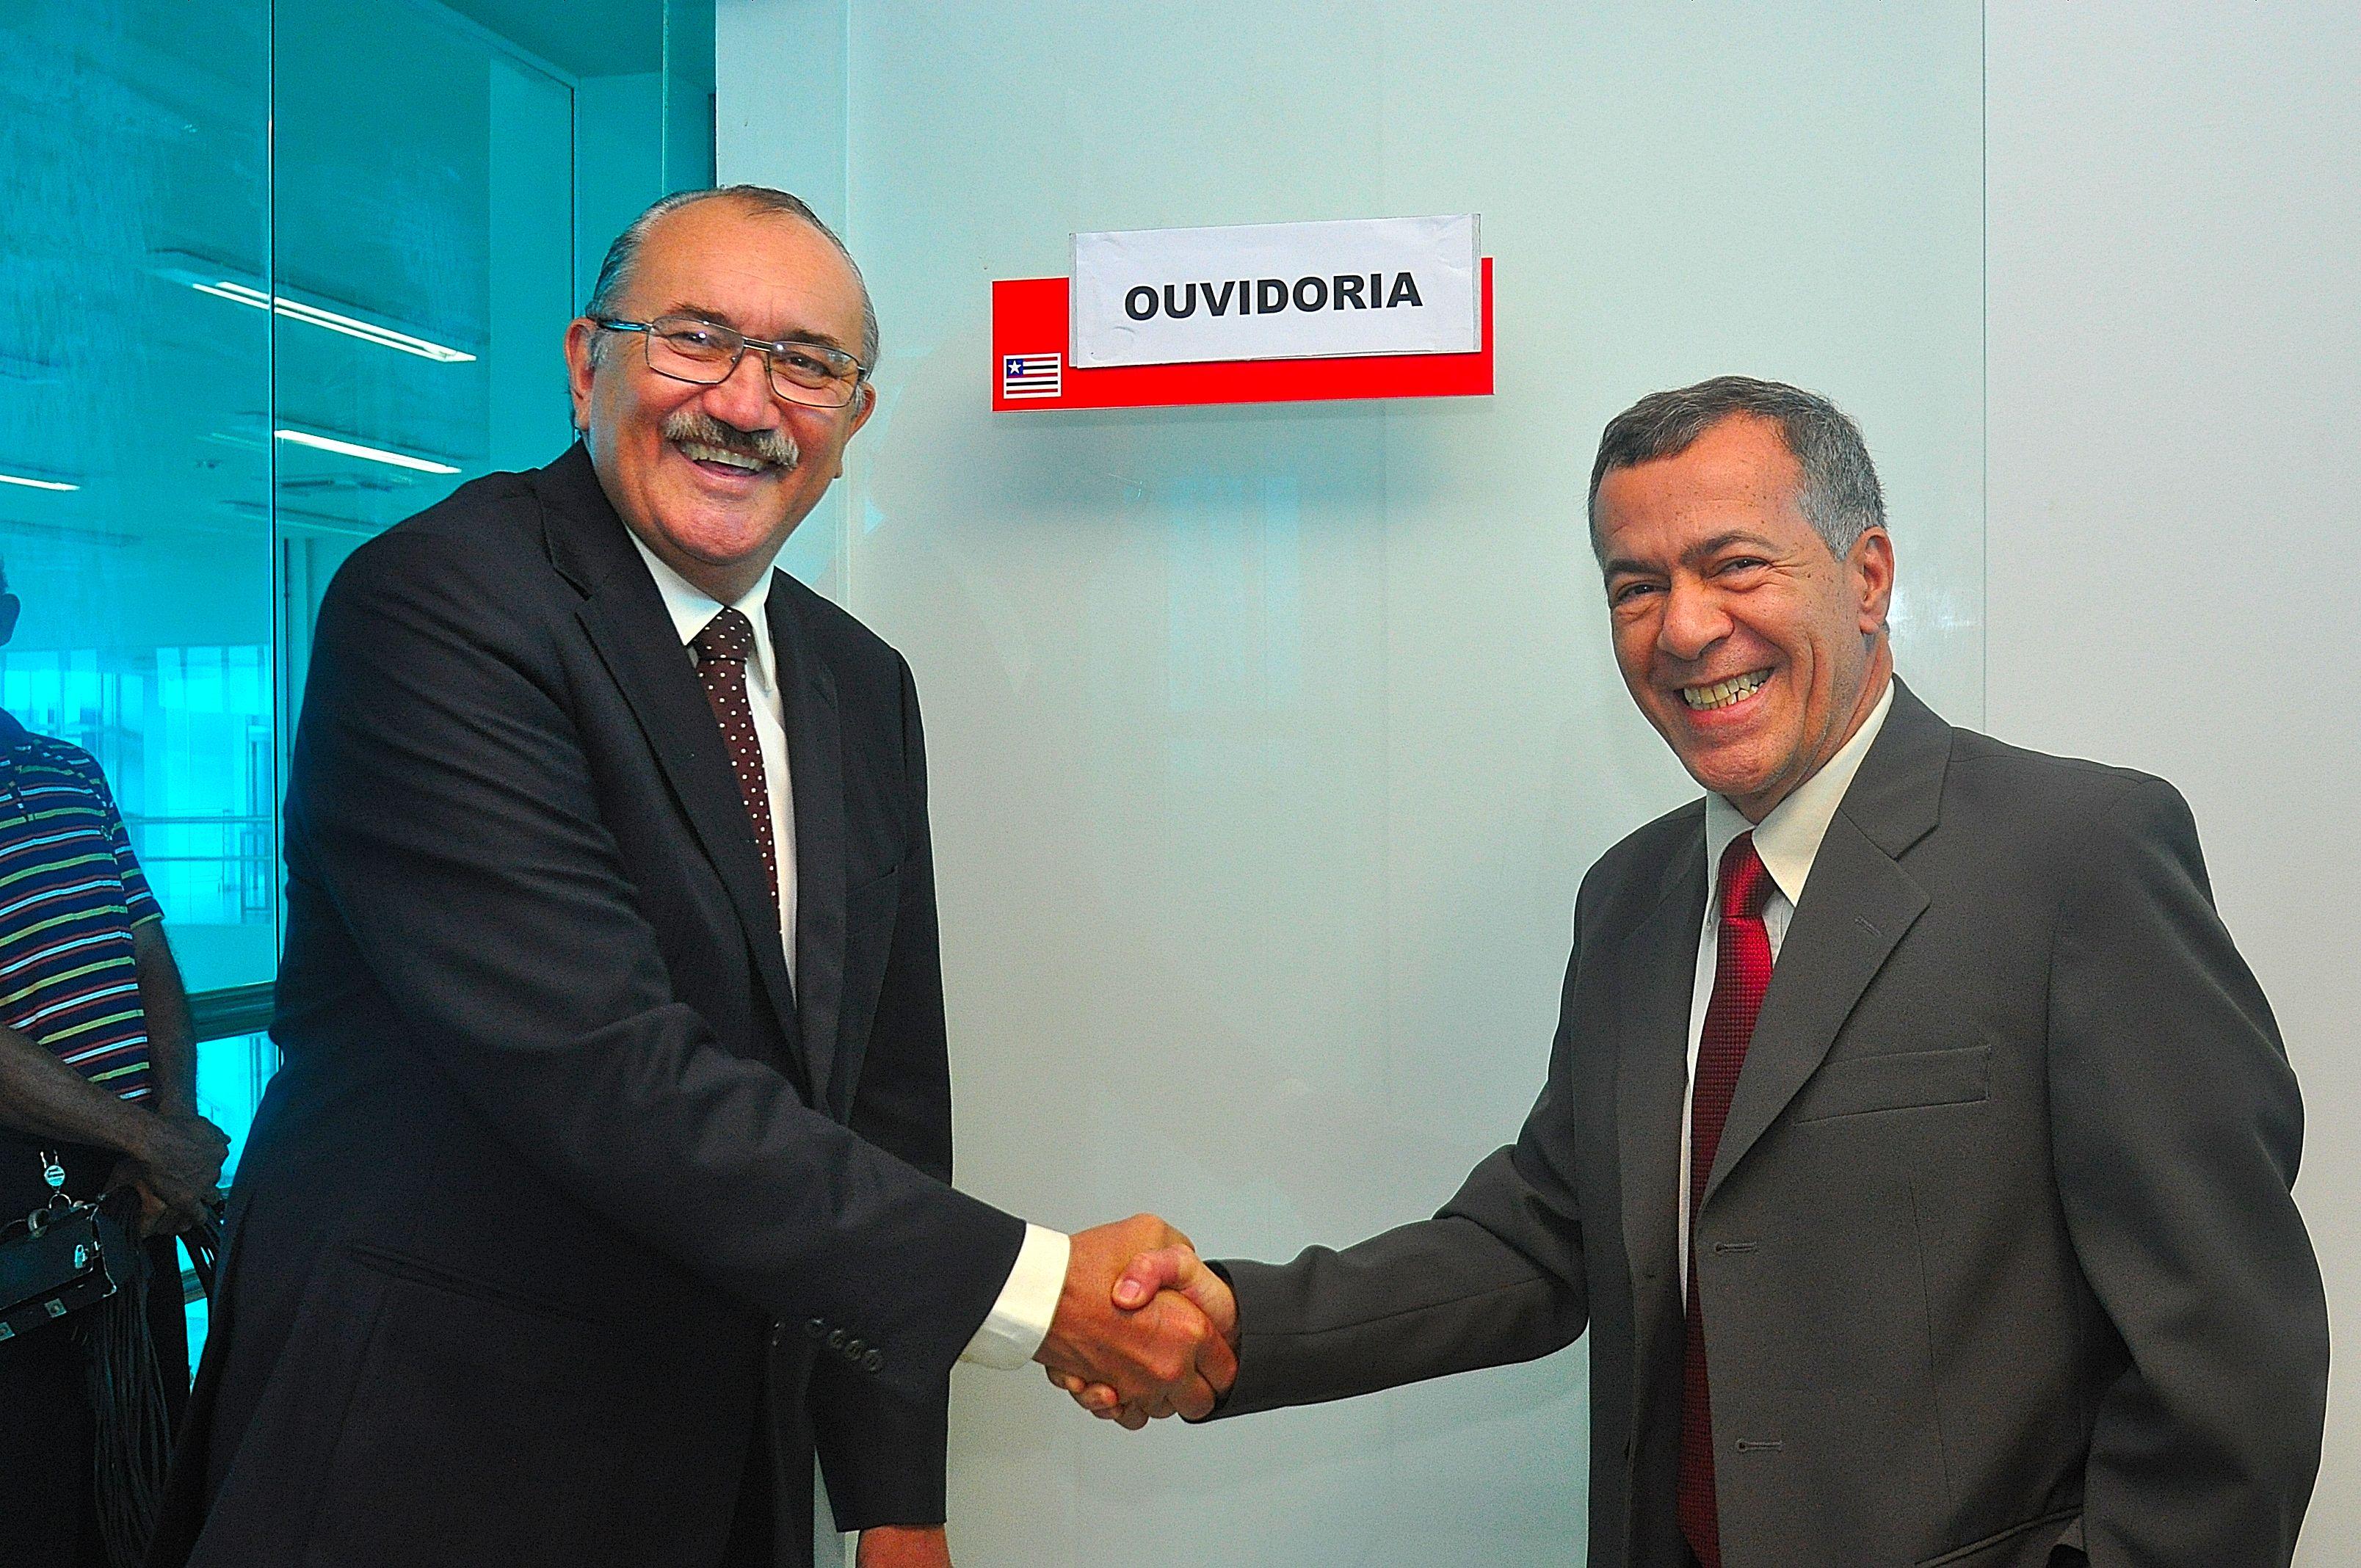 Deputado César Pires e o diretor de comunicação da Assembleia Legislativa, Carlos Alberto.